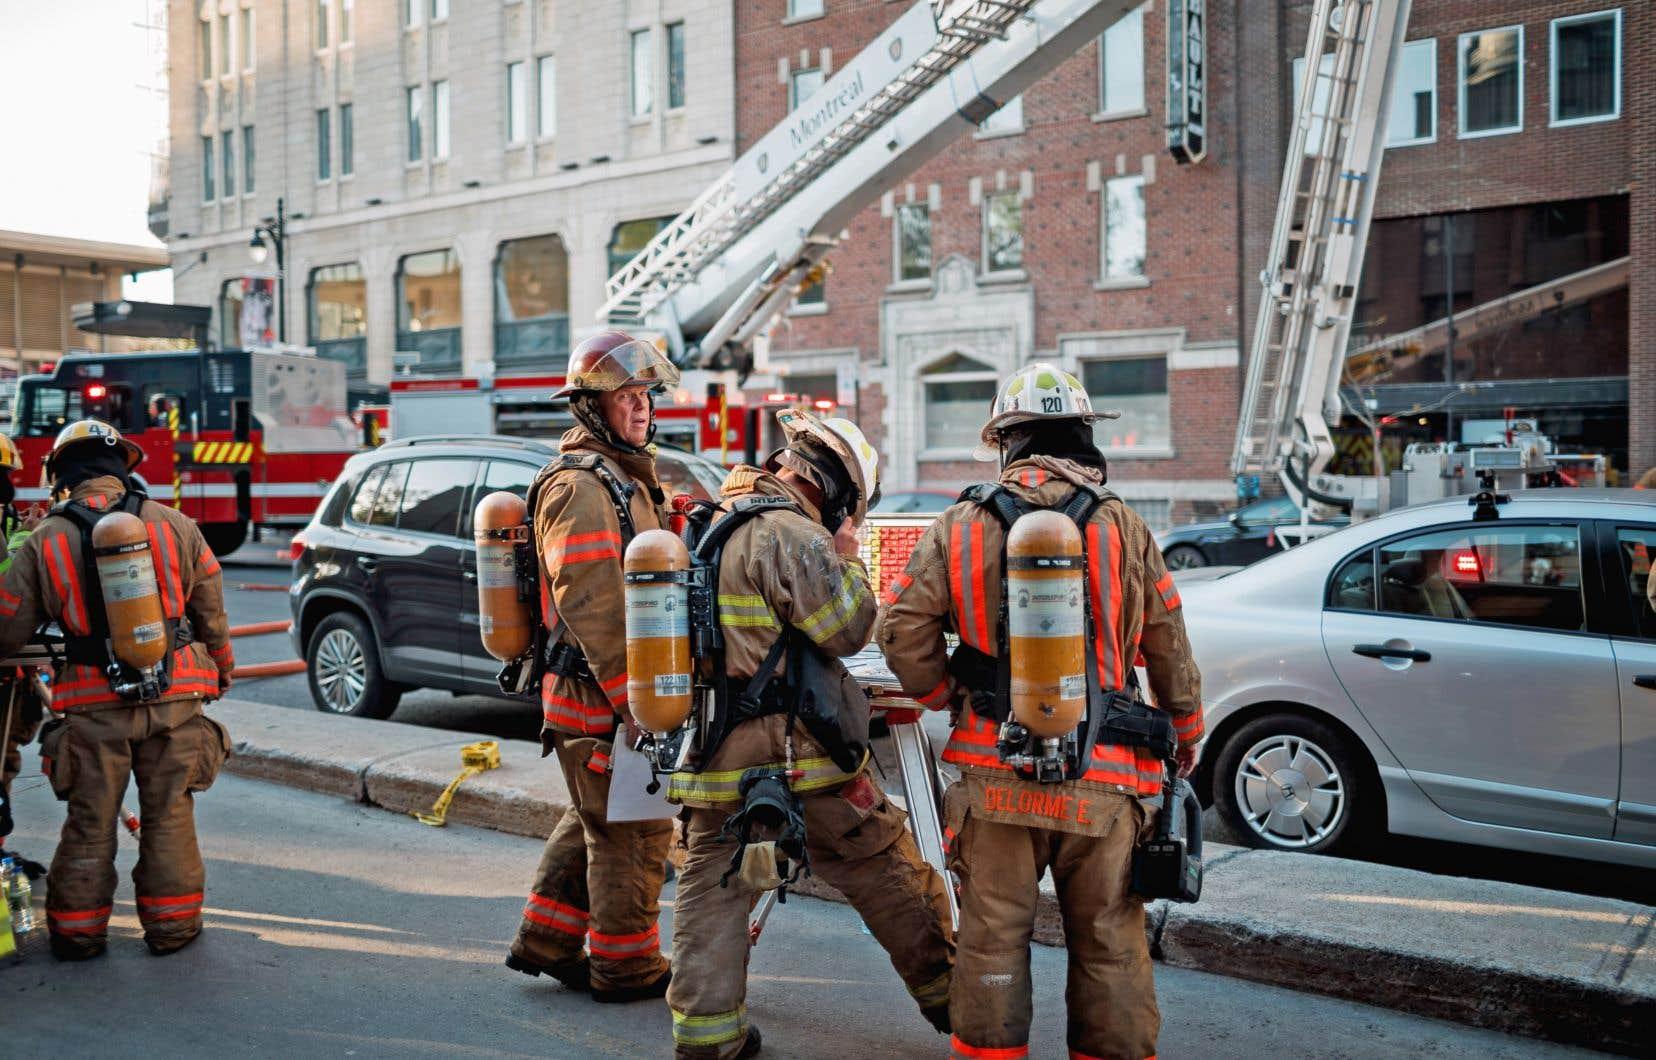 L'équipe du «Devoir» s'est retrouvée à la rue après qu'un feu se fut déclaré vers 17h45 sur le toit du bâtiment de 10 étages situé à l'intersection des rues Sainte-Catherine et Berri.